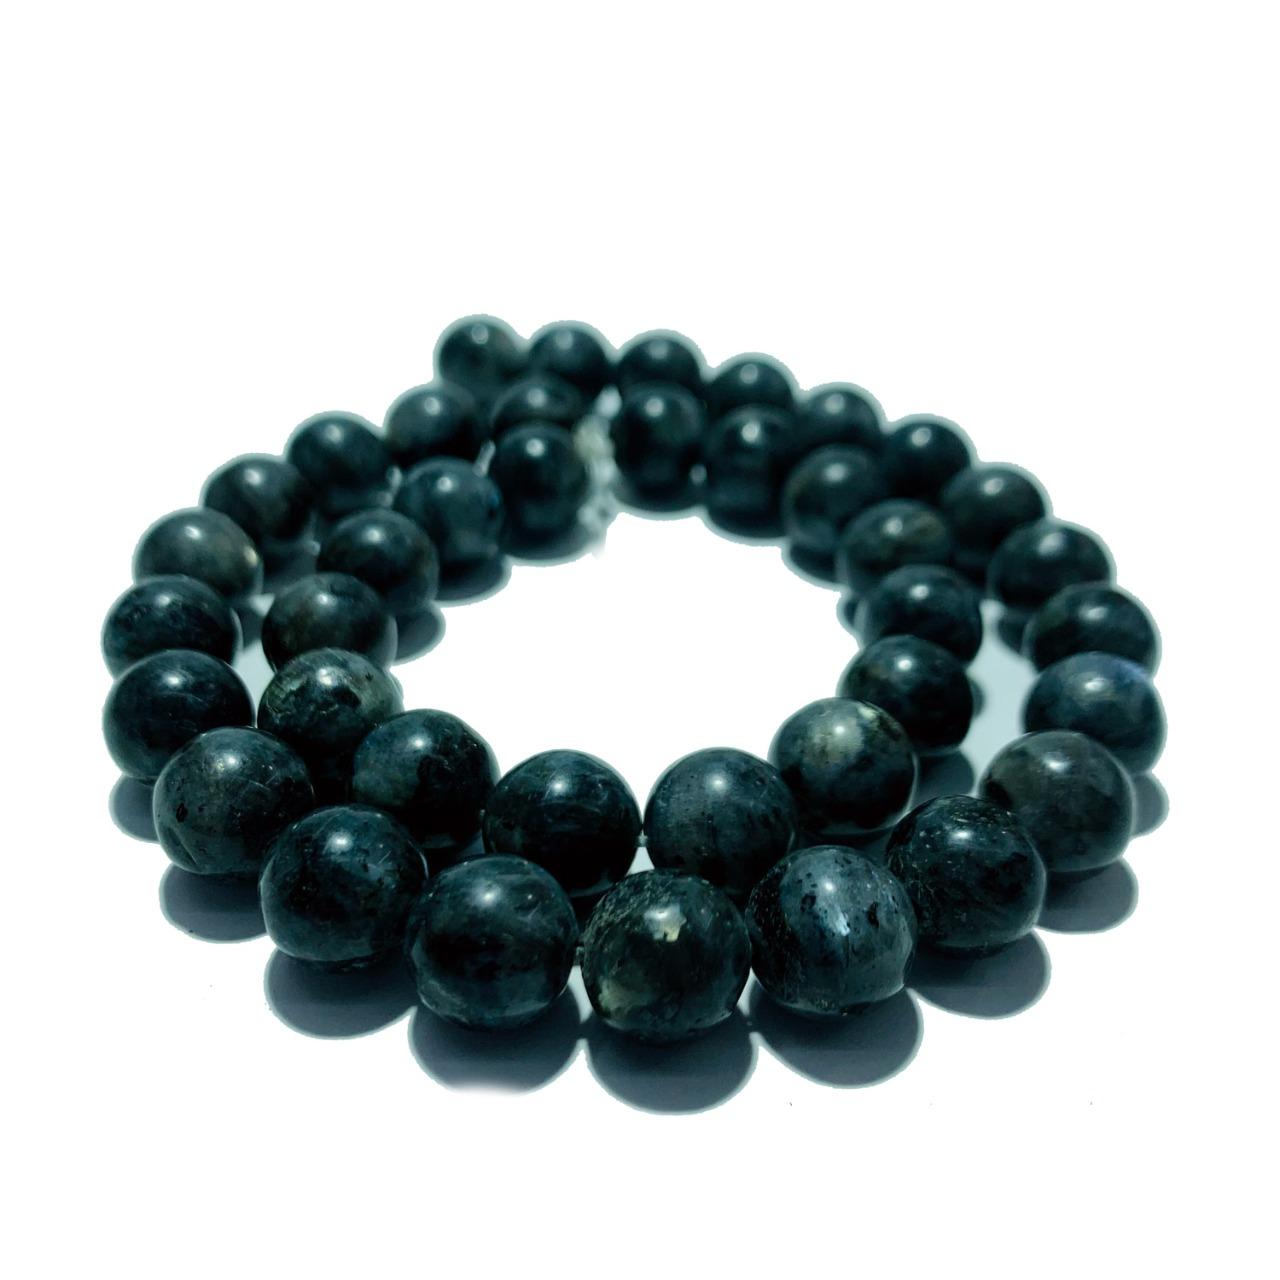 Pedra Natural Labradorita Cinza Escuro